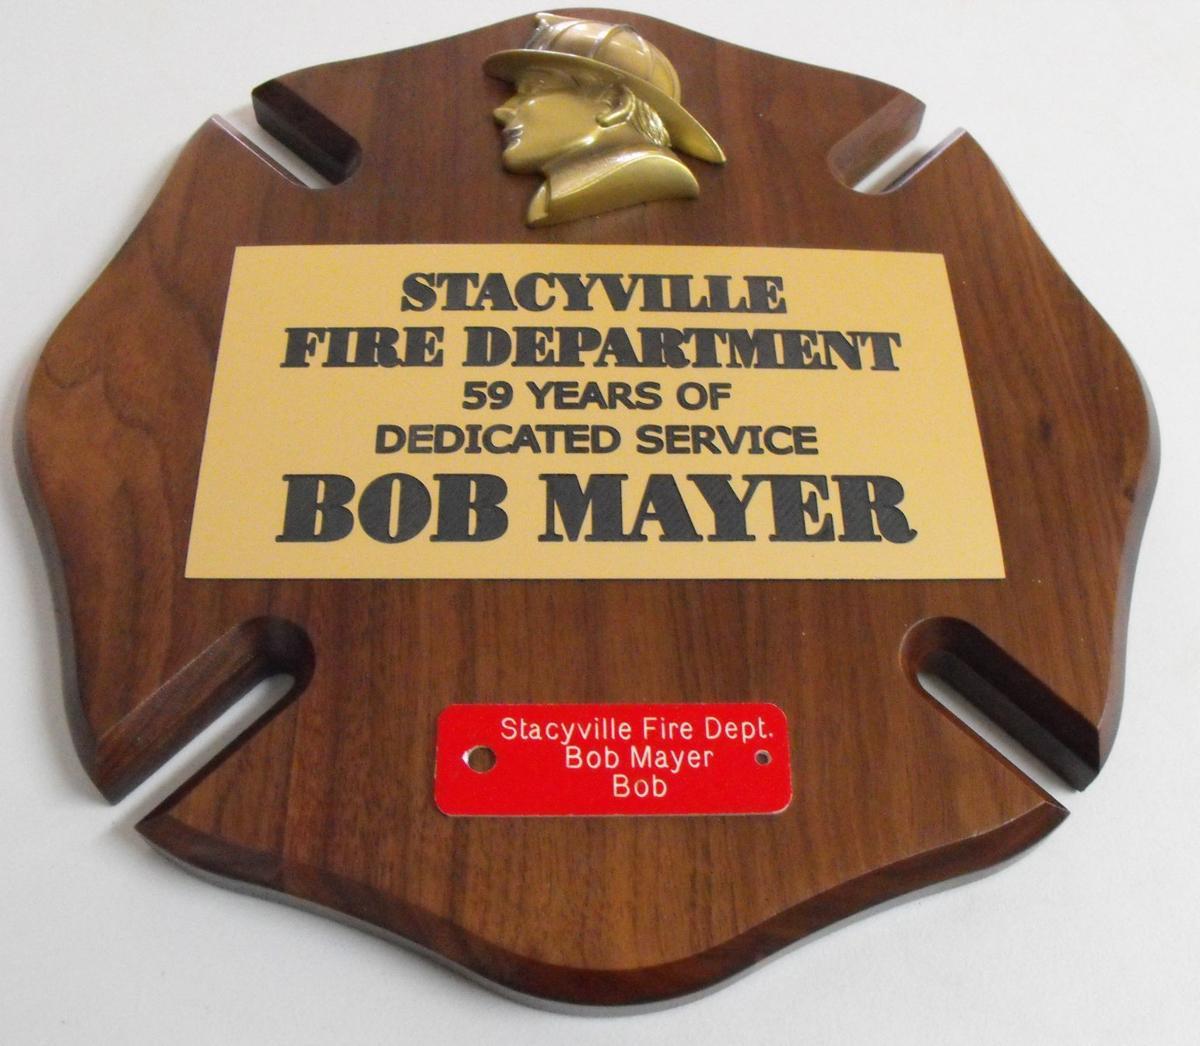 Bob Mayer fire department plaque